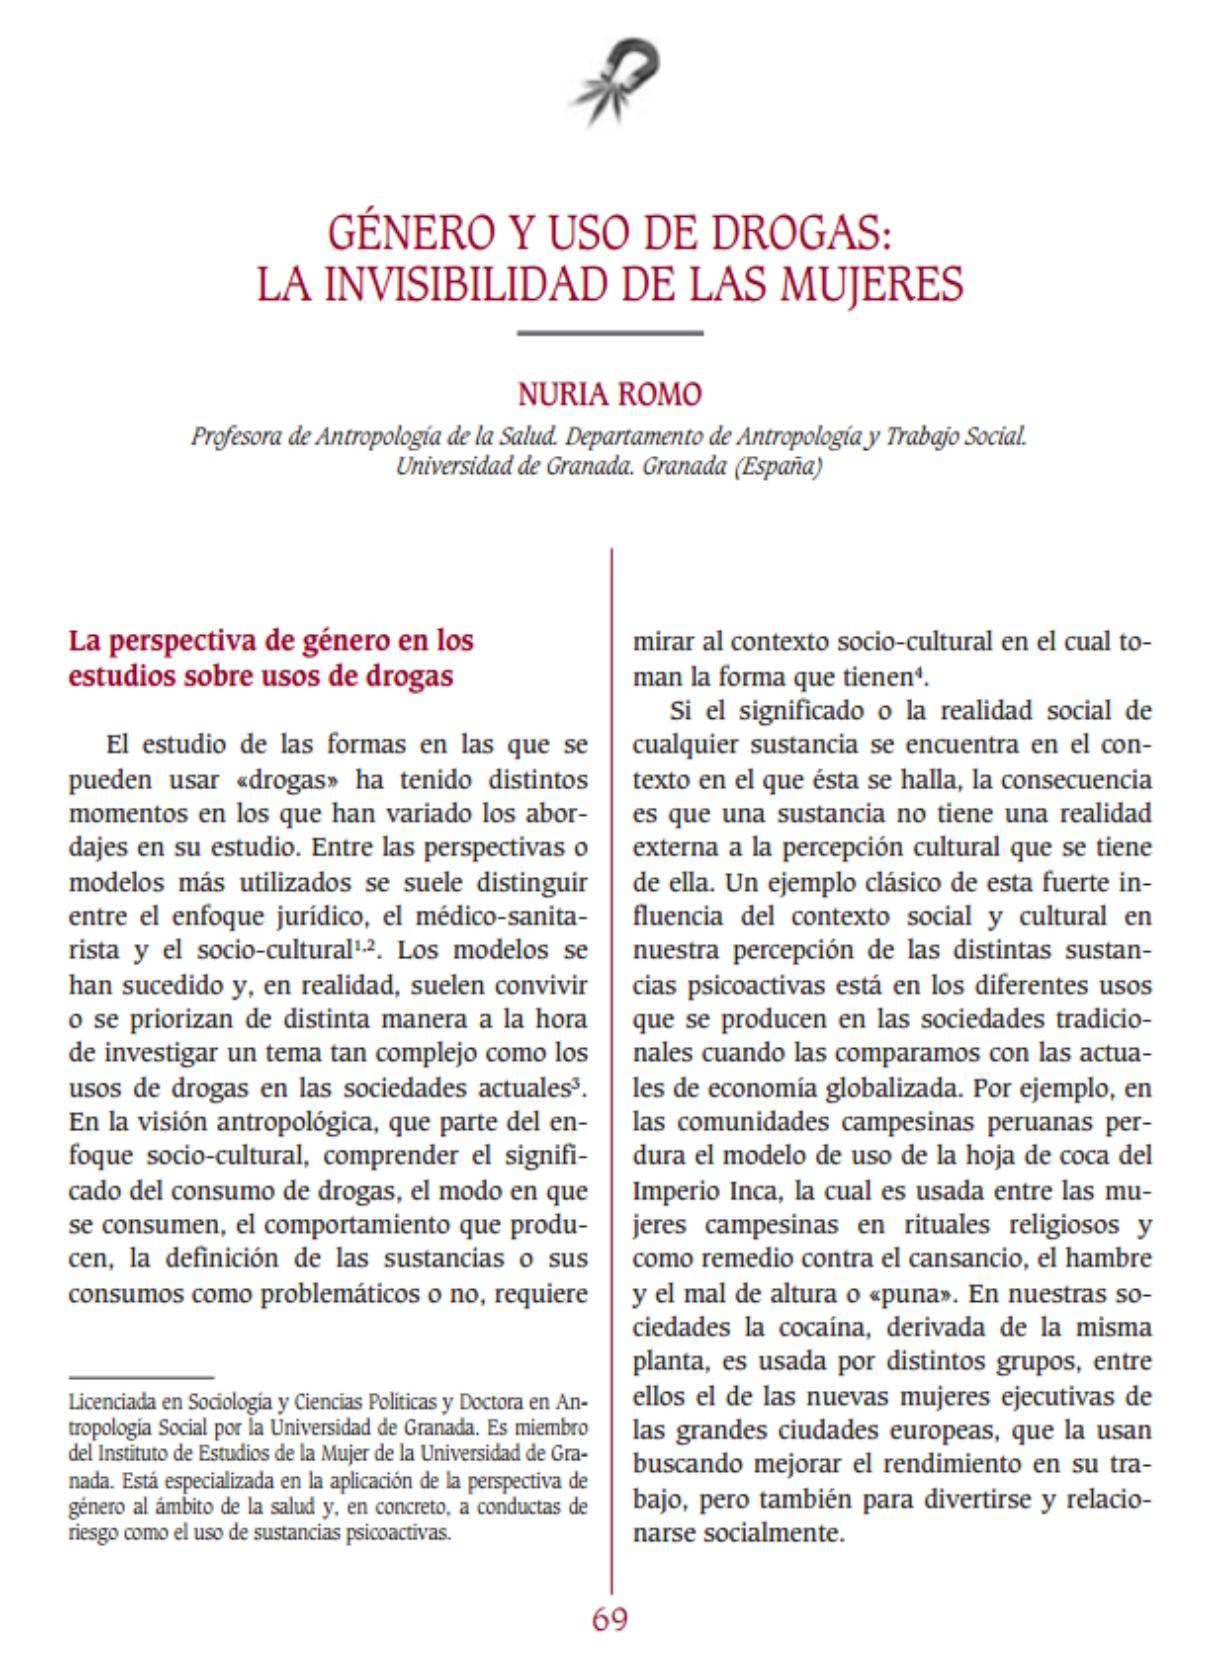 Romo, Nuria: Género y uso de drogas: La invisibilidad de la mujeres